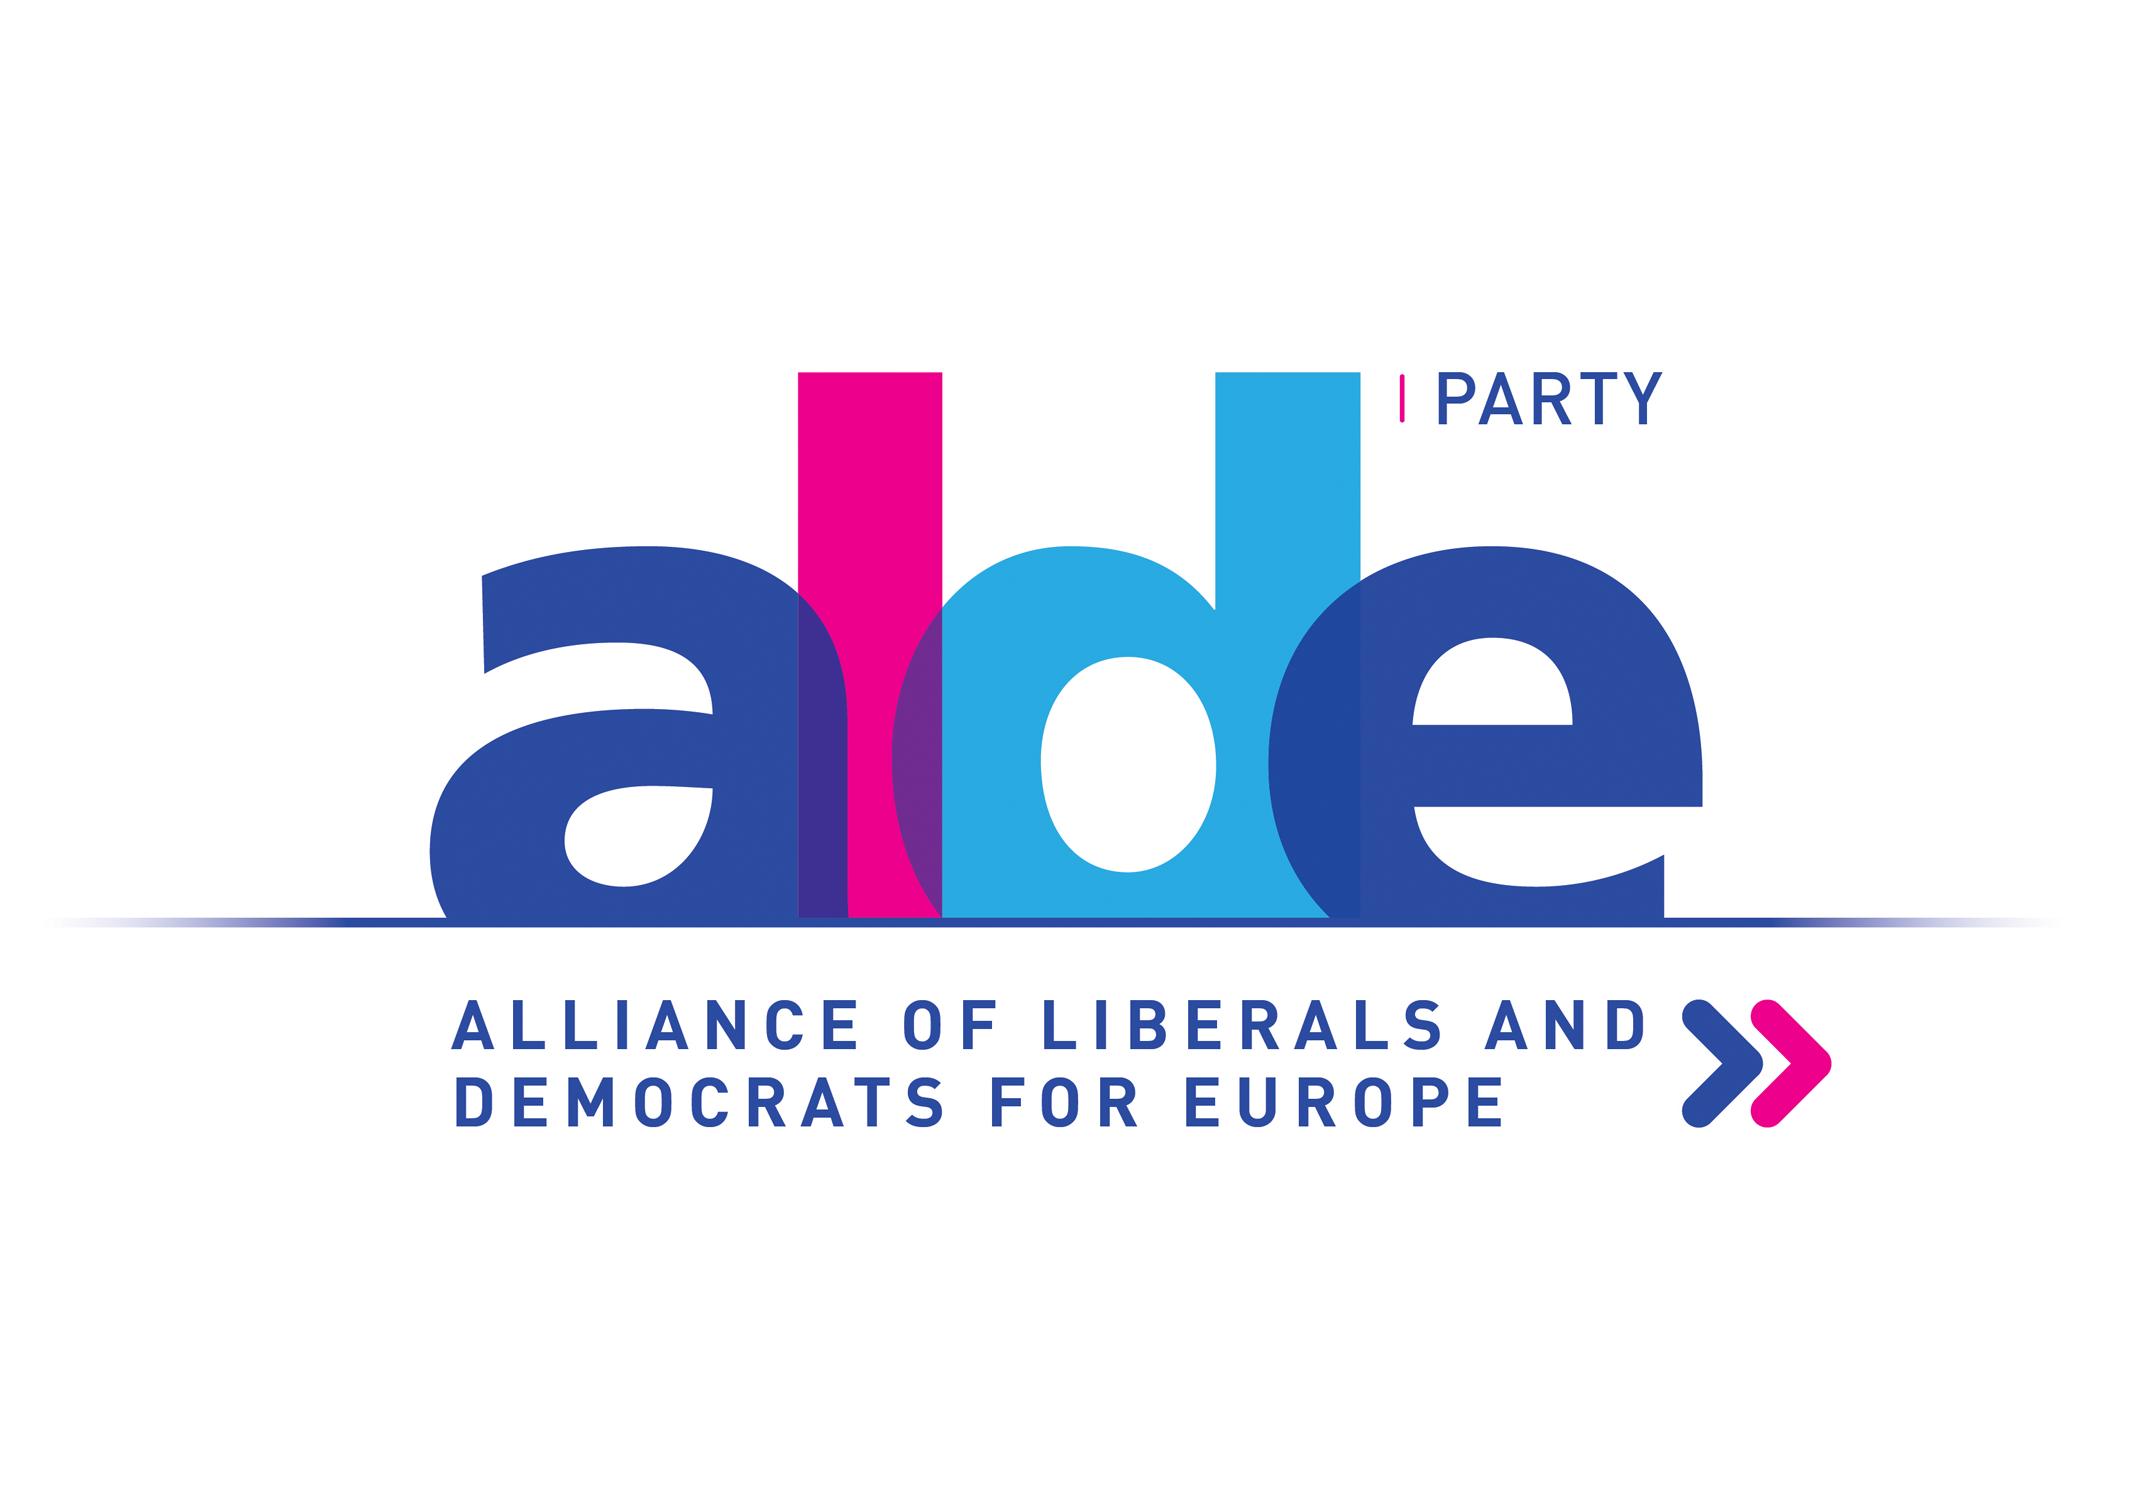 """Kustība """"Par!"""" pievienojas Eiropas liberāļu saimei"""